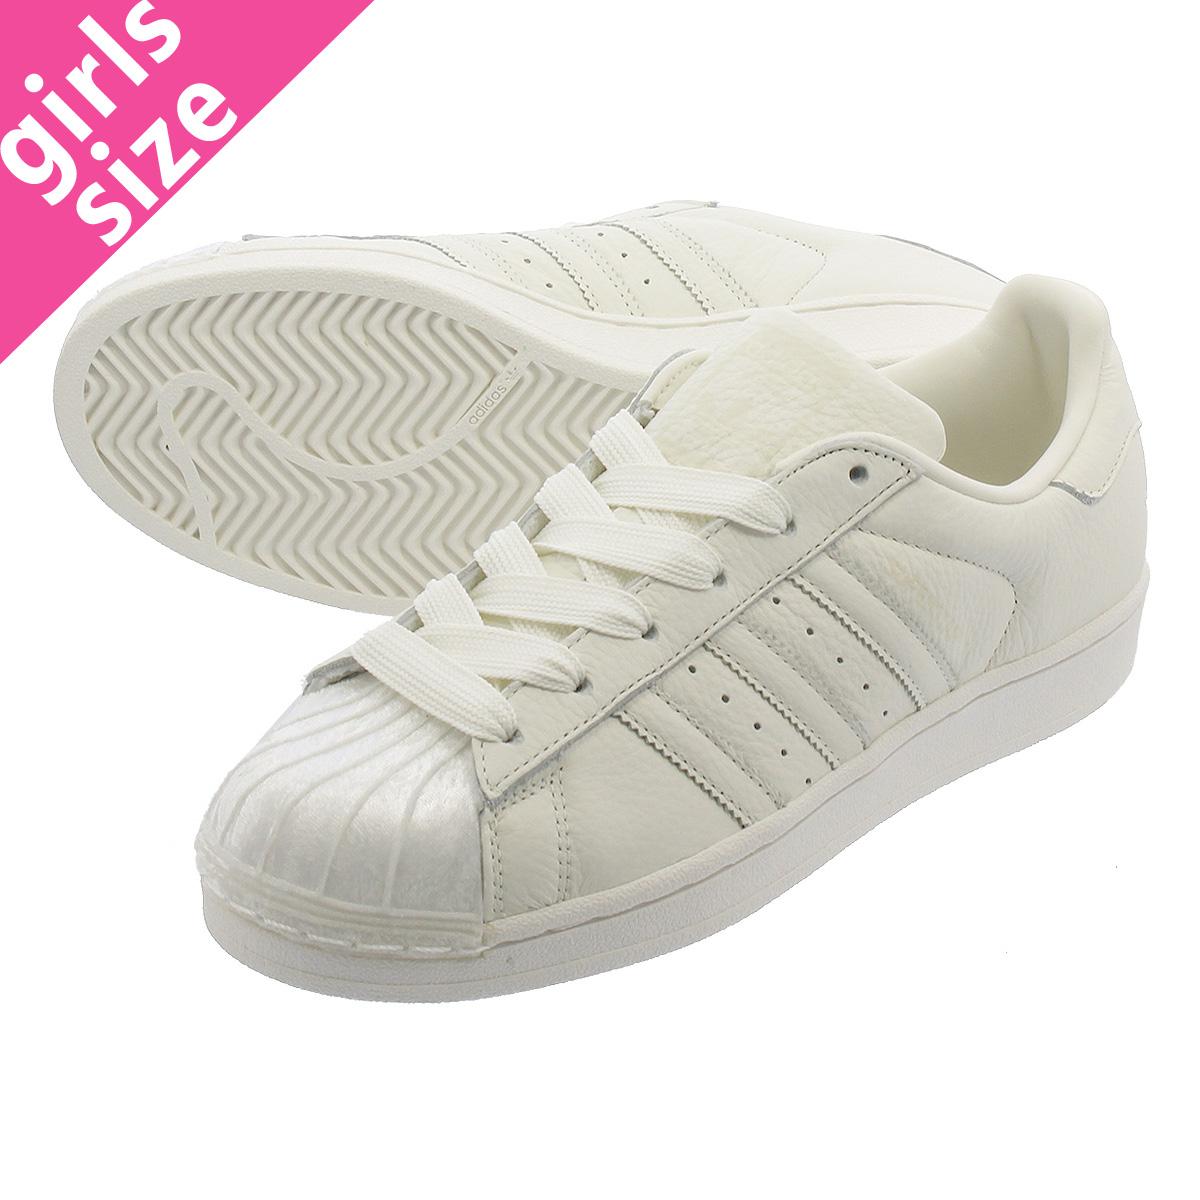 【大人気の女の子サイズ♪】 adidas SUPERSTAR W アディダス スーパースター W OFF WHITE/OFF WHITE/OFF WHITE cg6010